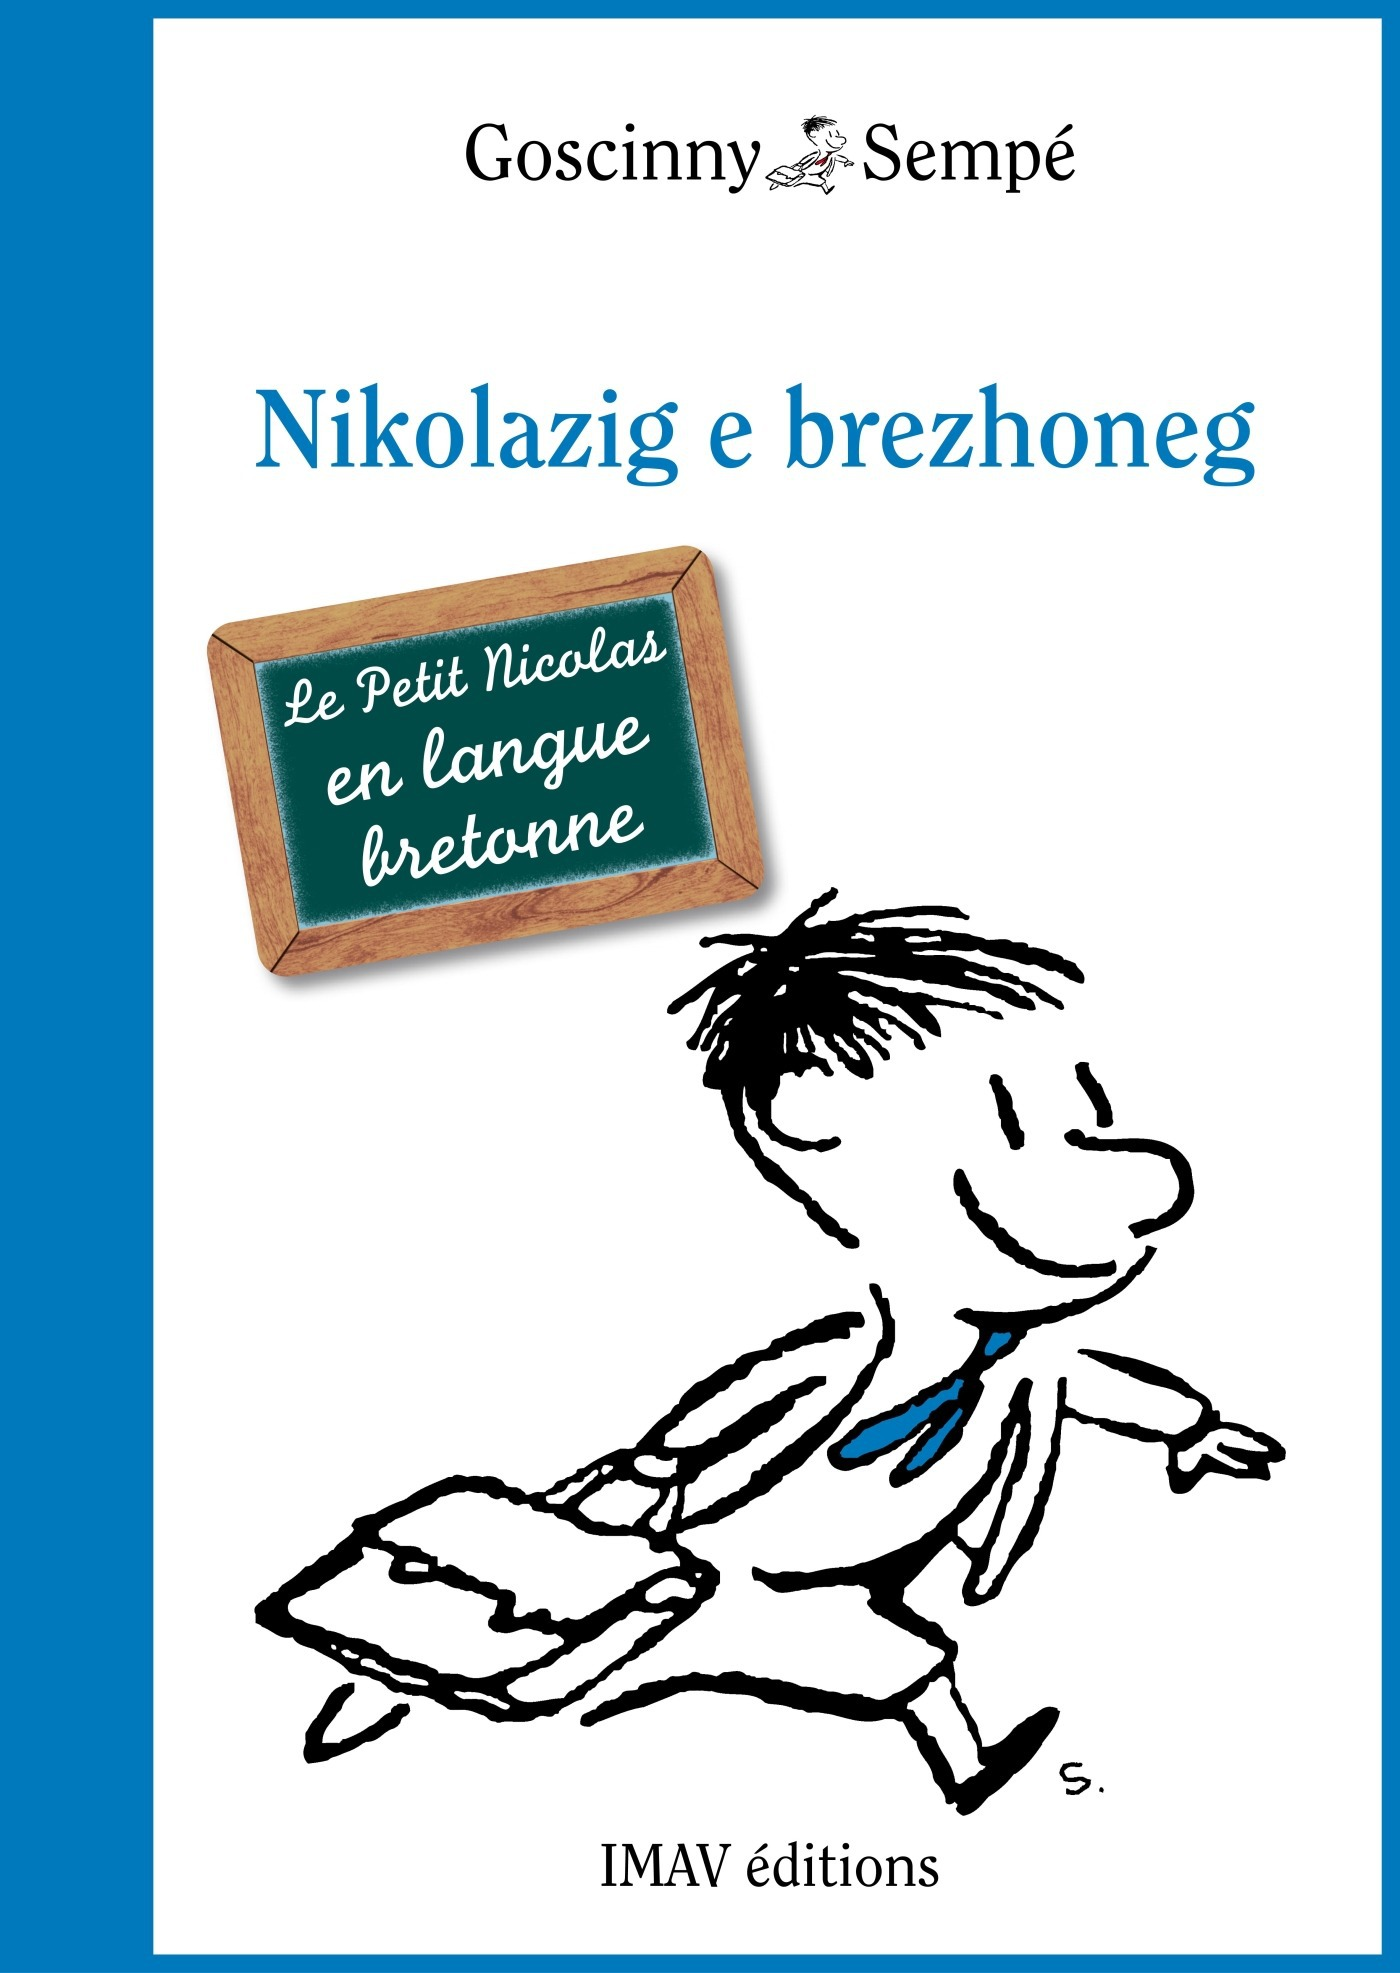 Le Petit Nicolas ; le petit Nicolas en langue bretonne